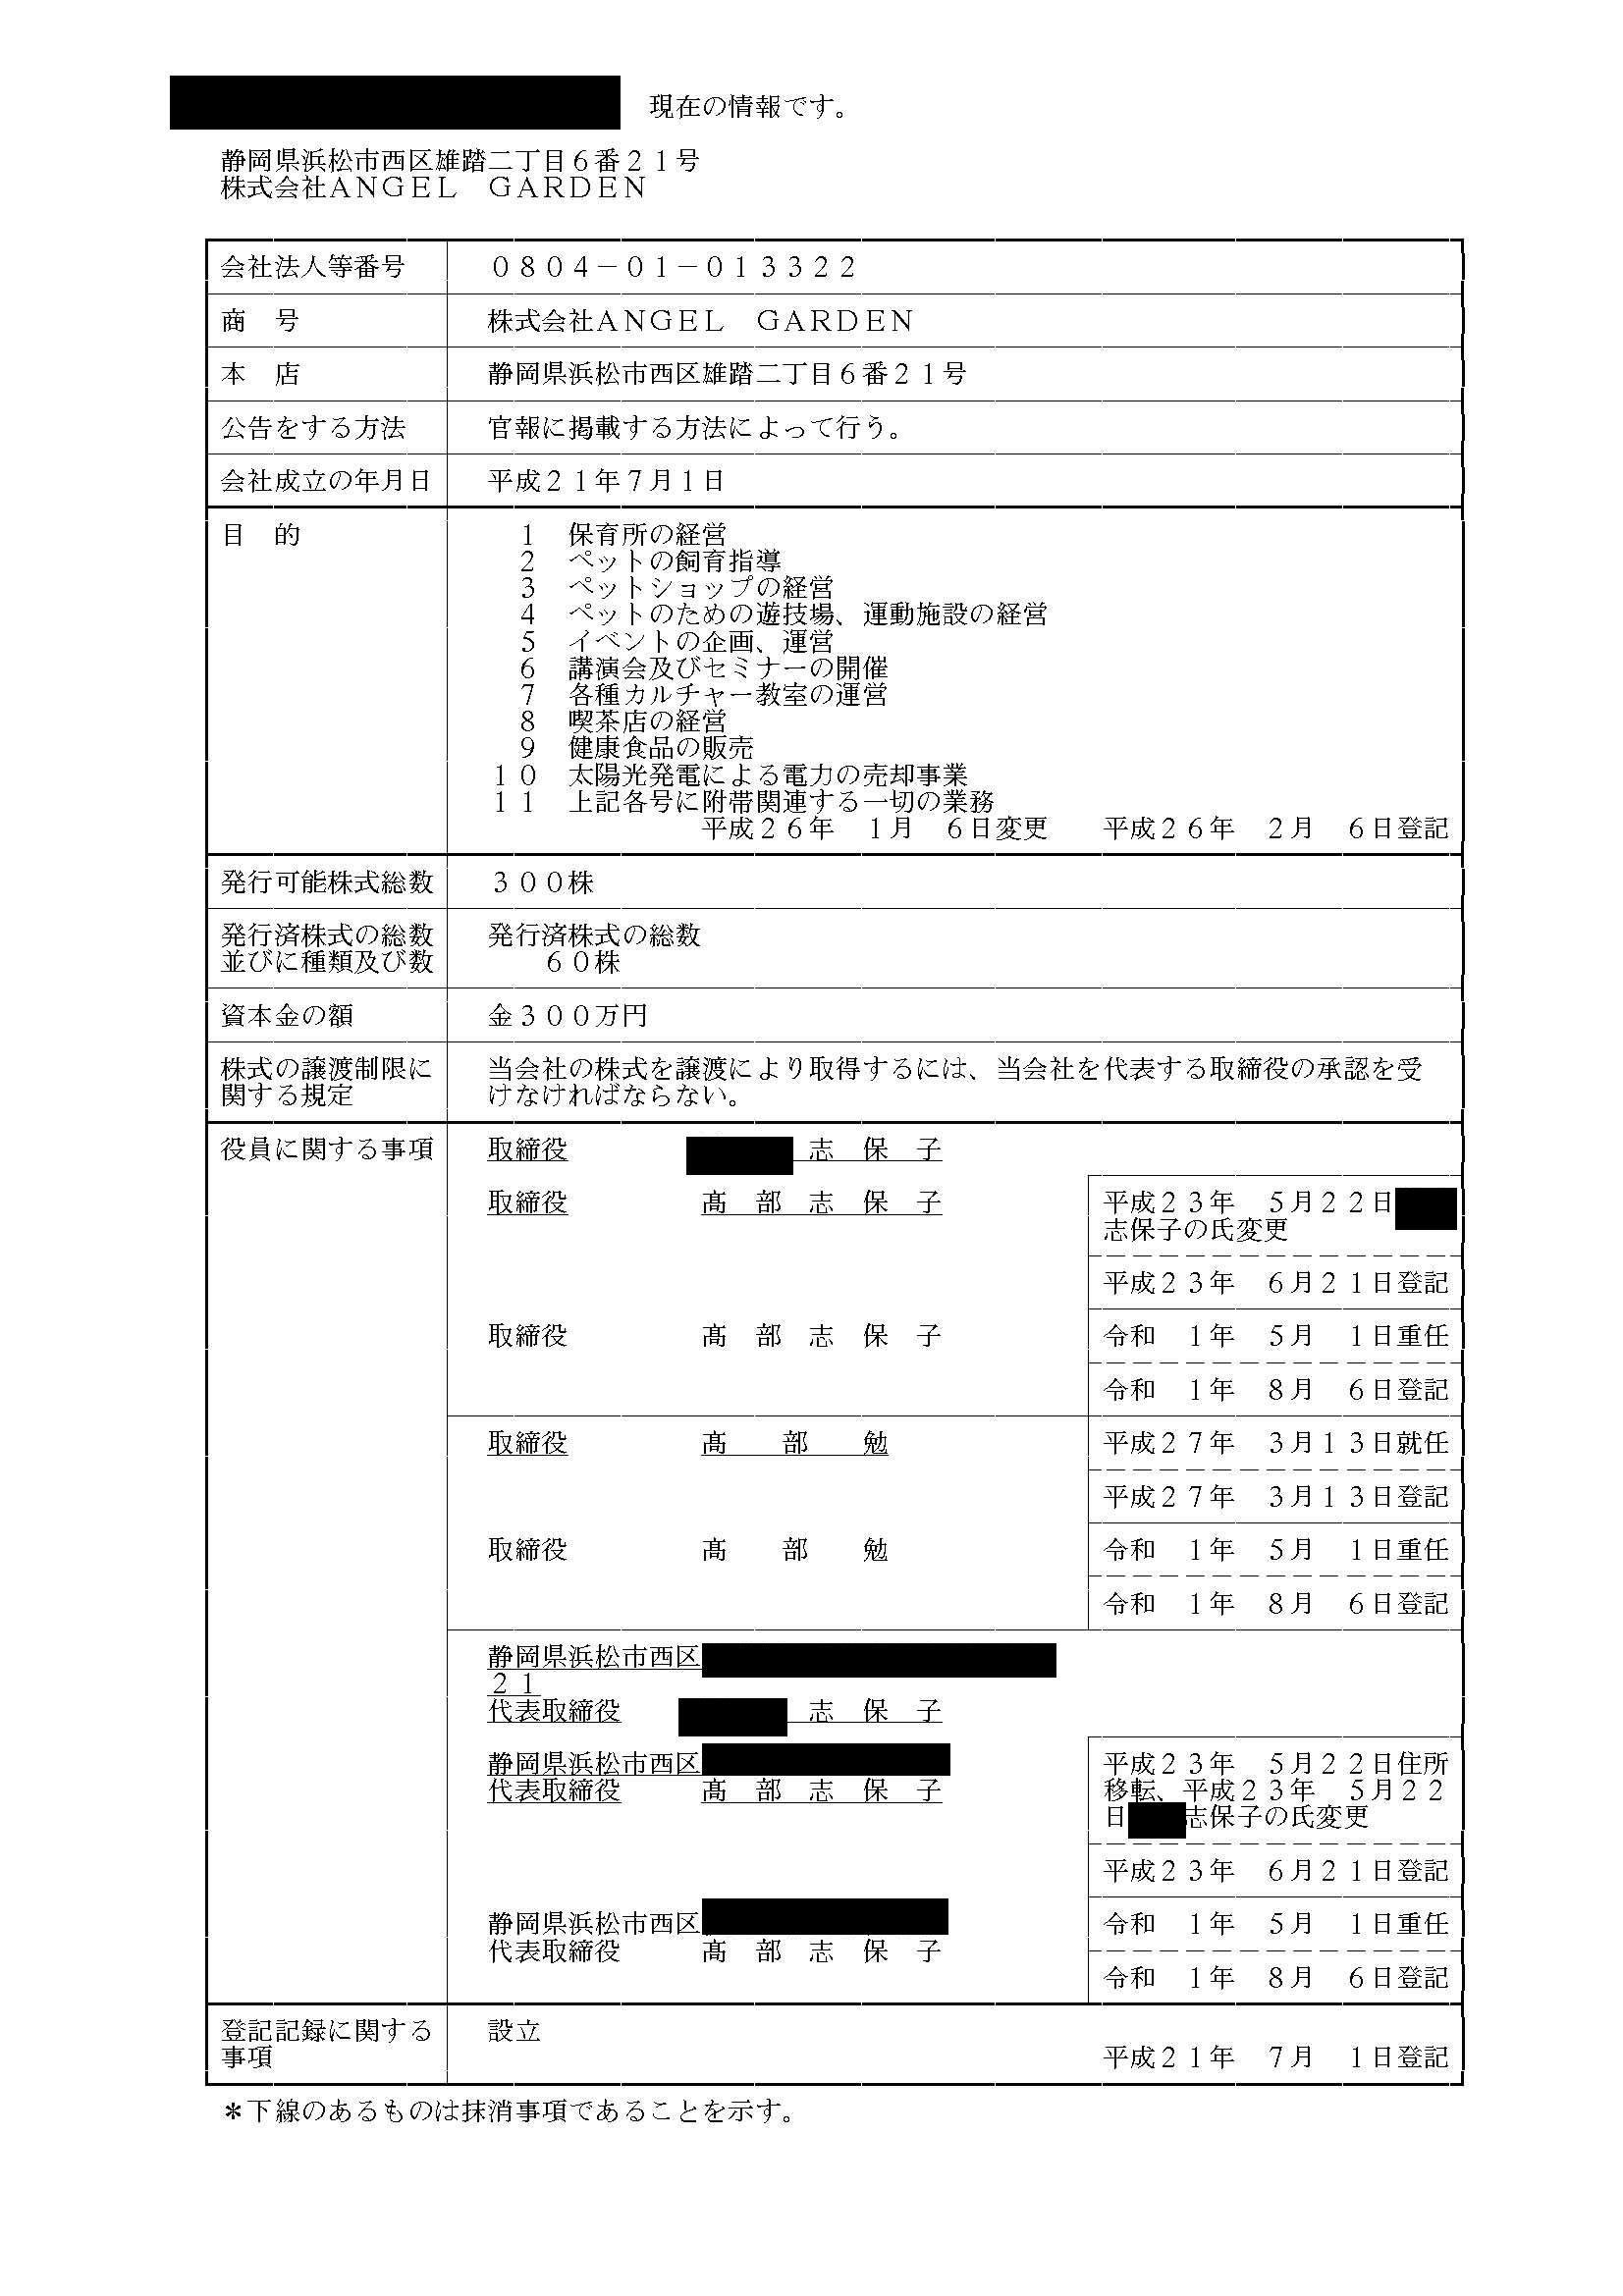 【ニュース】保育士ら18人が一斉退職へ メロディー保育園(浜松市)園長らのハラスメント訴え